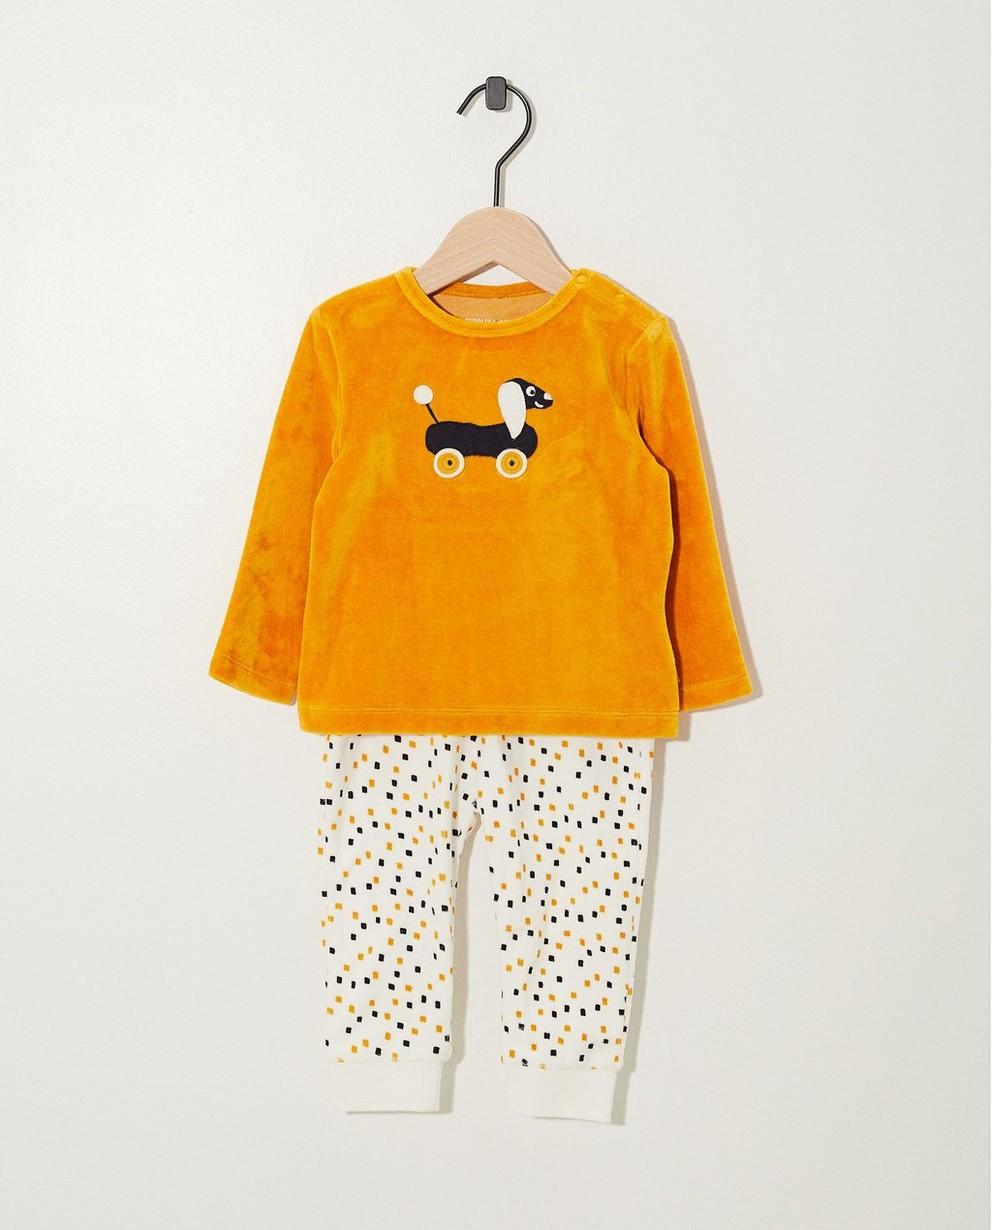 Pyjama jaune avec un chien - top + pantalon - cudd